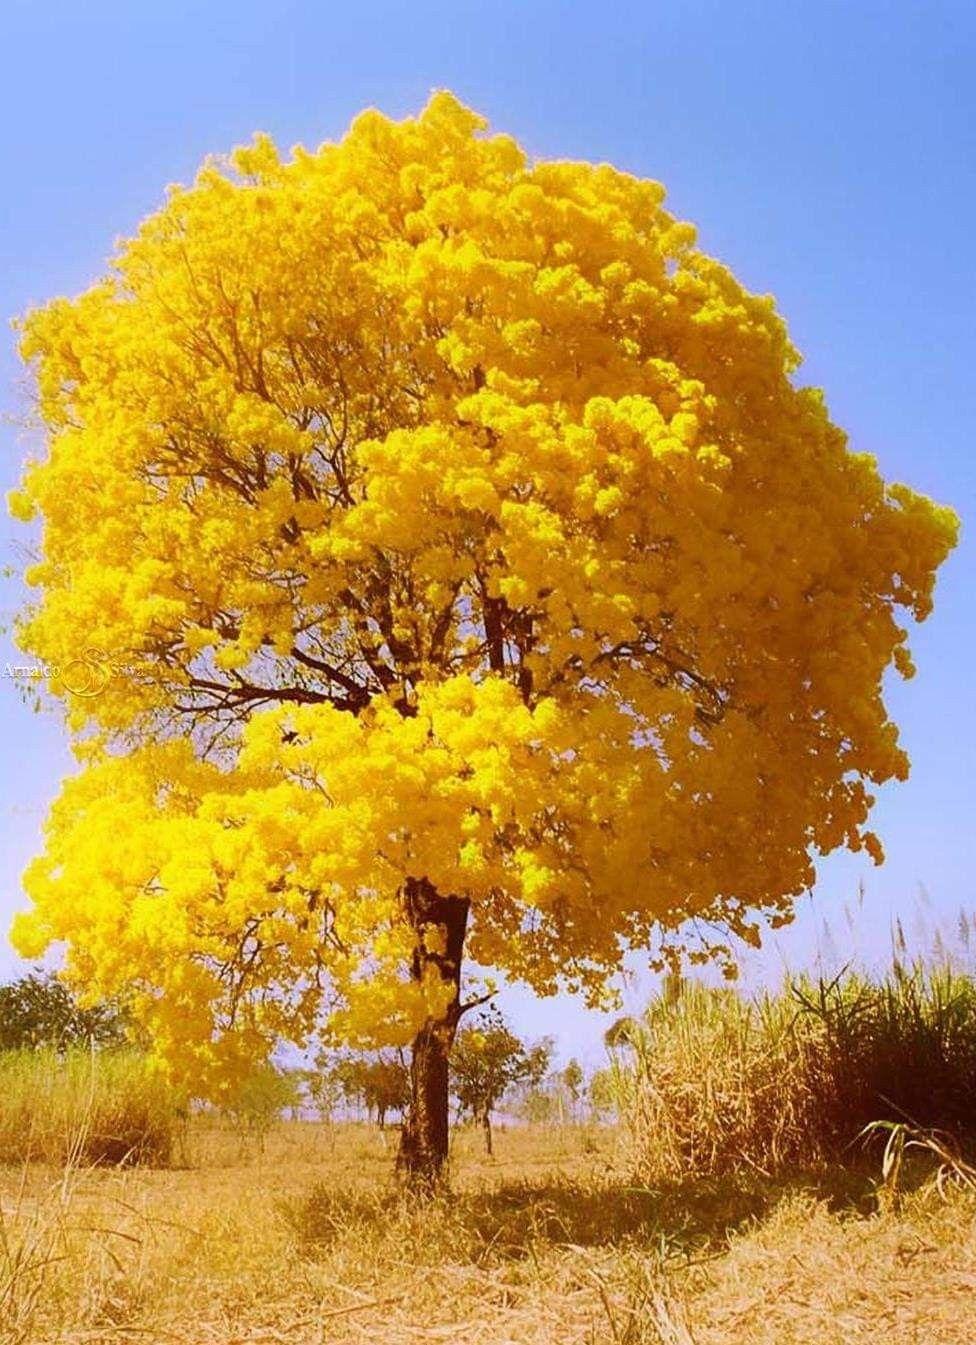 Ipê. Bom Despacho, Minas Gerais, Brasil. PCM | Imagens de arvores, Lindas paisagens, Árvores floridas